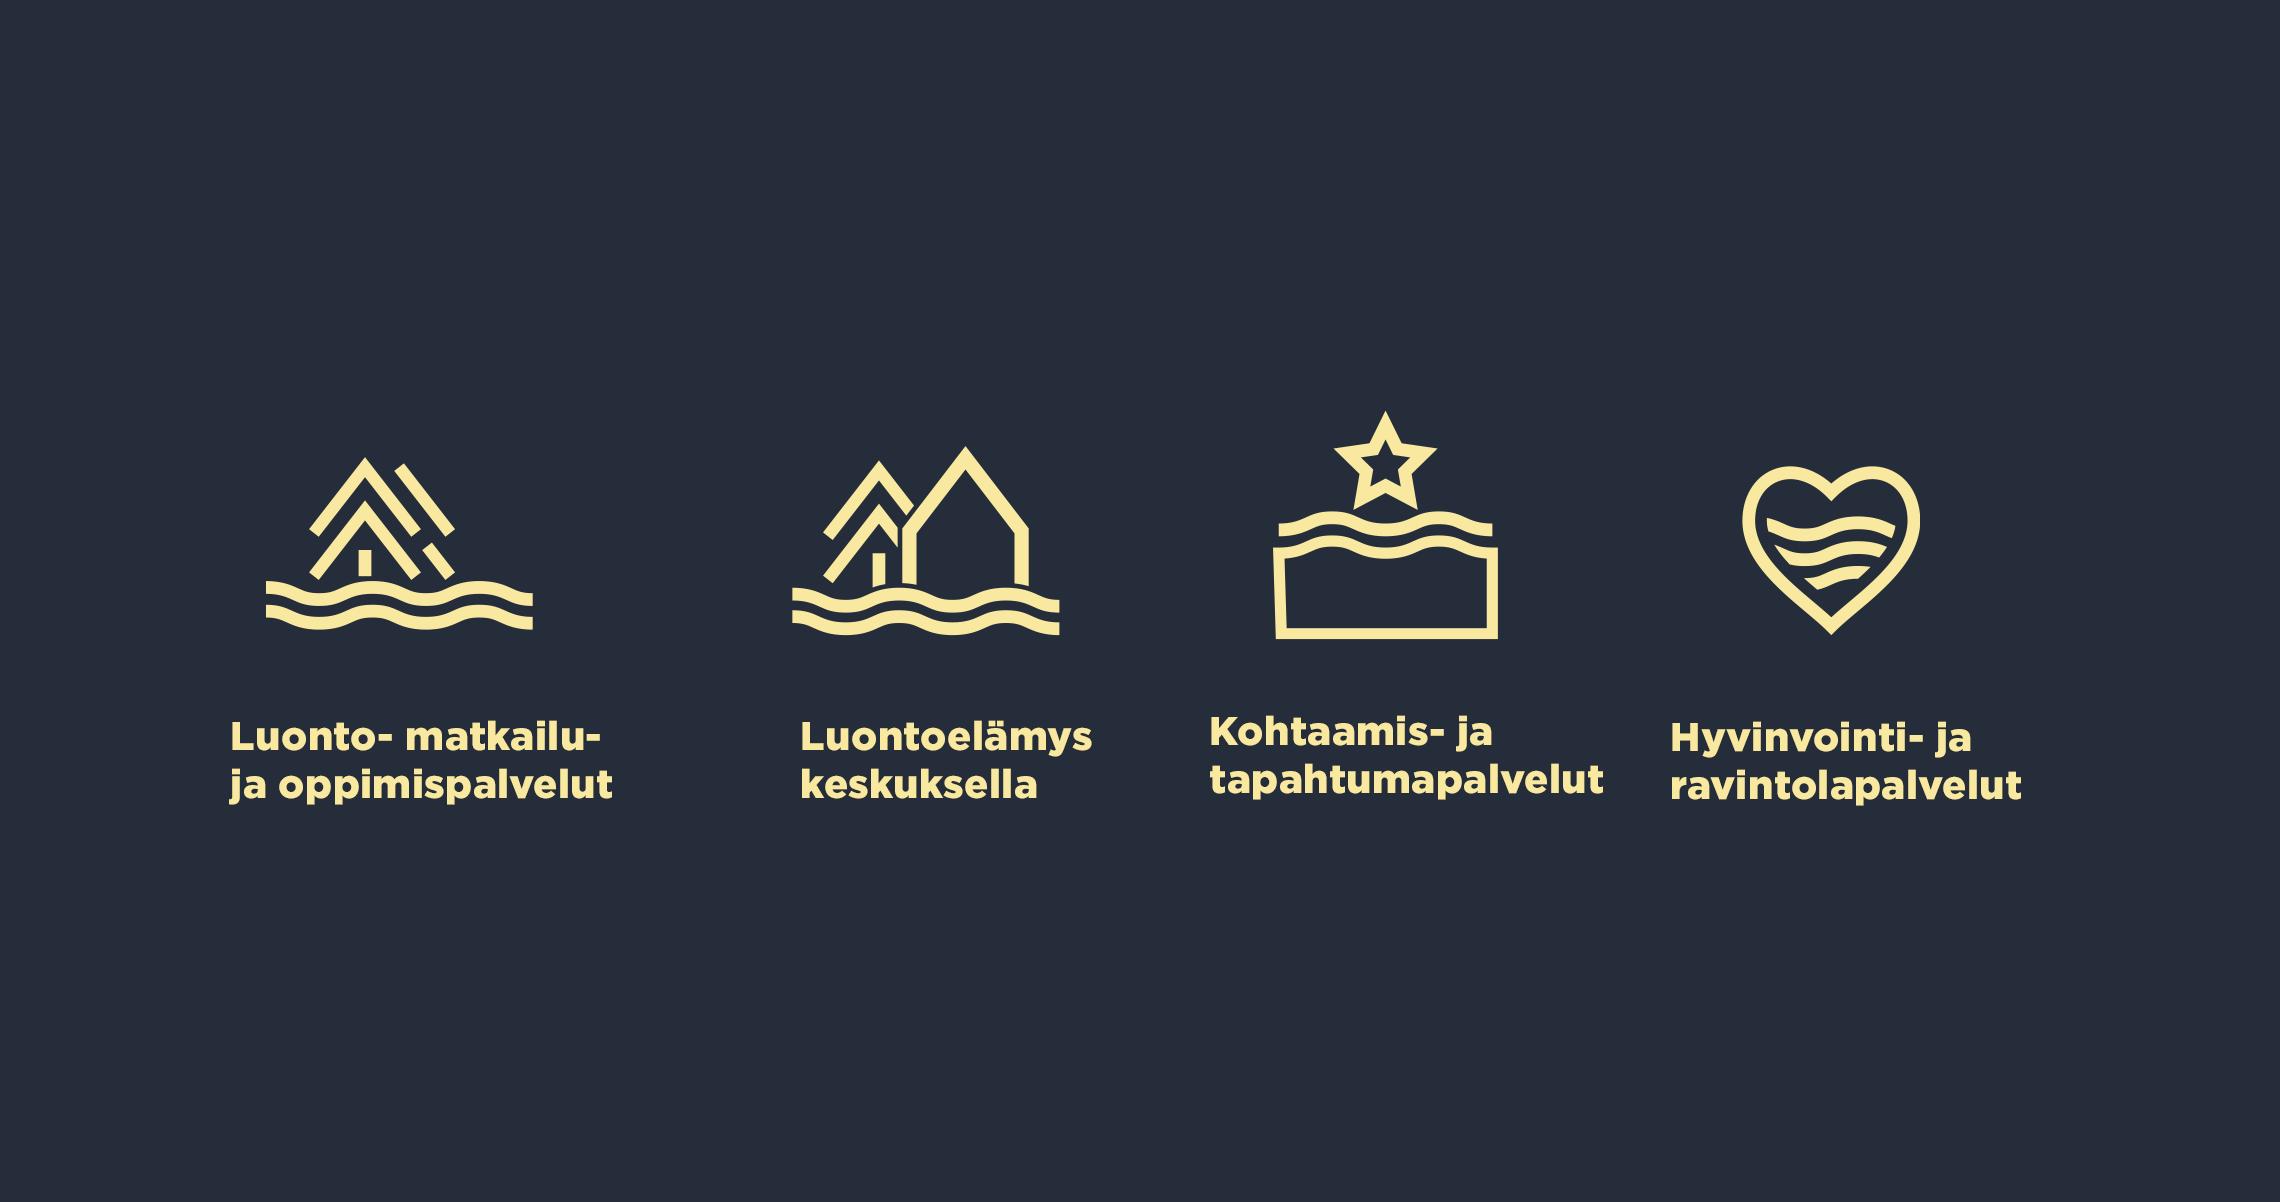 Neljä ikonia järviluontokeskuksen palveluista: Luonto-, matkailu-, ja oppimispalvelut; luontoelämys keskuksella; kohtaamis- ja tapahtumapalvelut; hyvinvointi- ja ravintolapalvelut